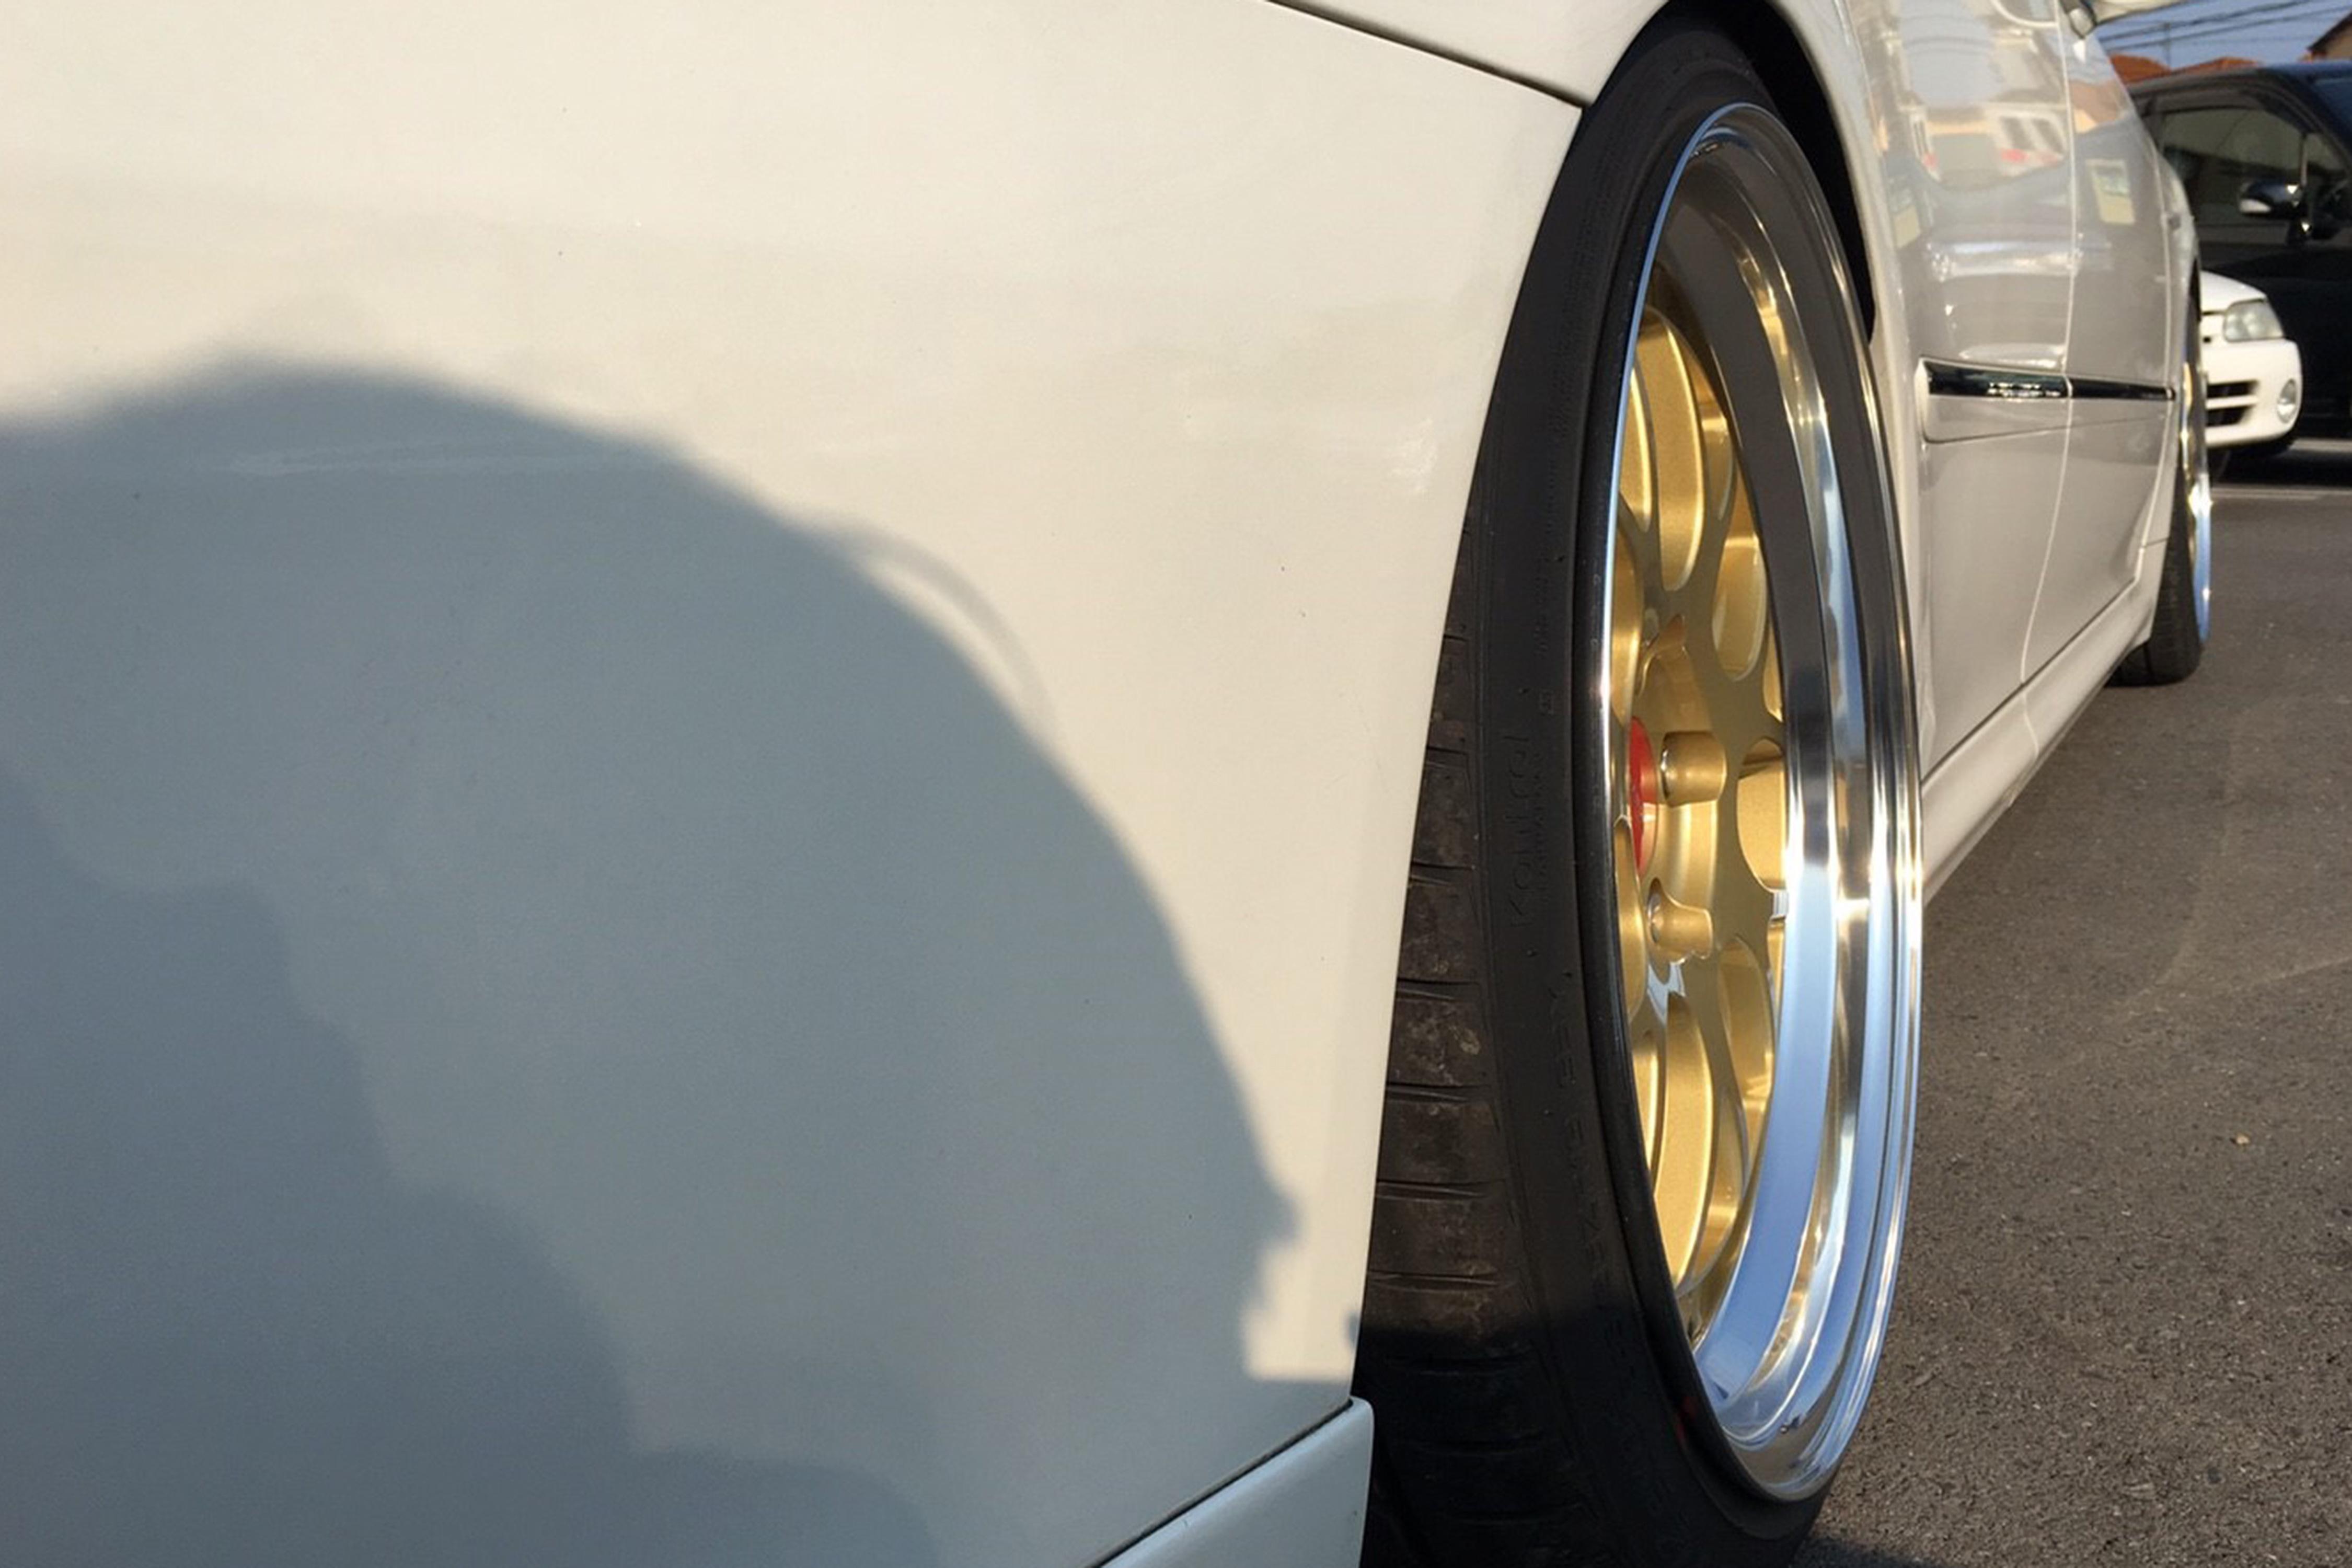 シャレン VMX Limited Gold × 18# CROWN - shallen V-series VMX, shallen V-series, AME Wheels, shallen V-series Limited Gold